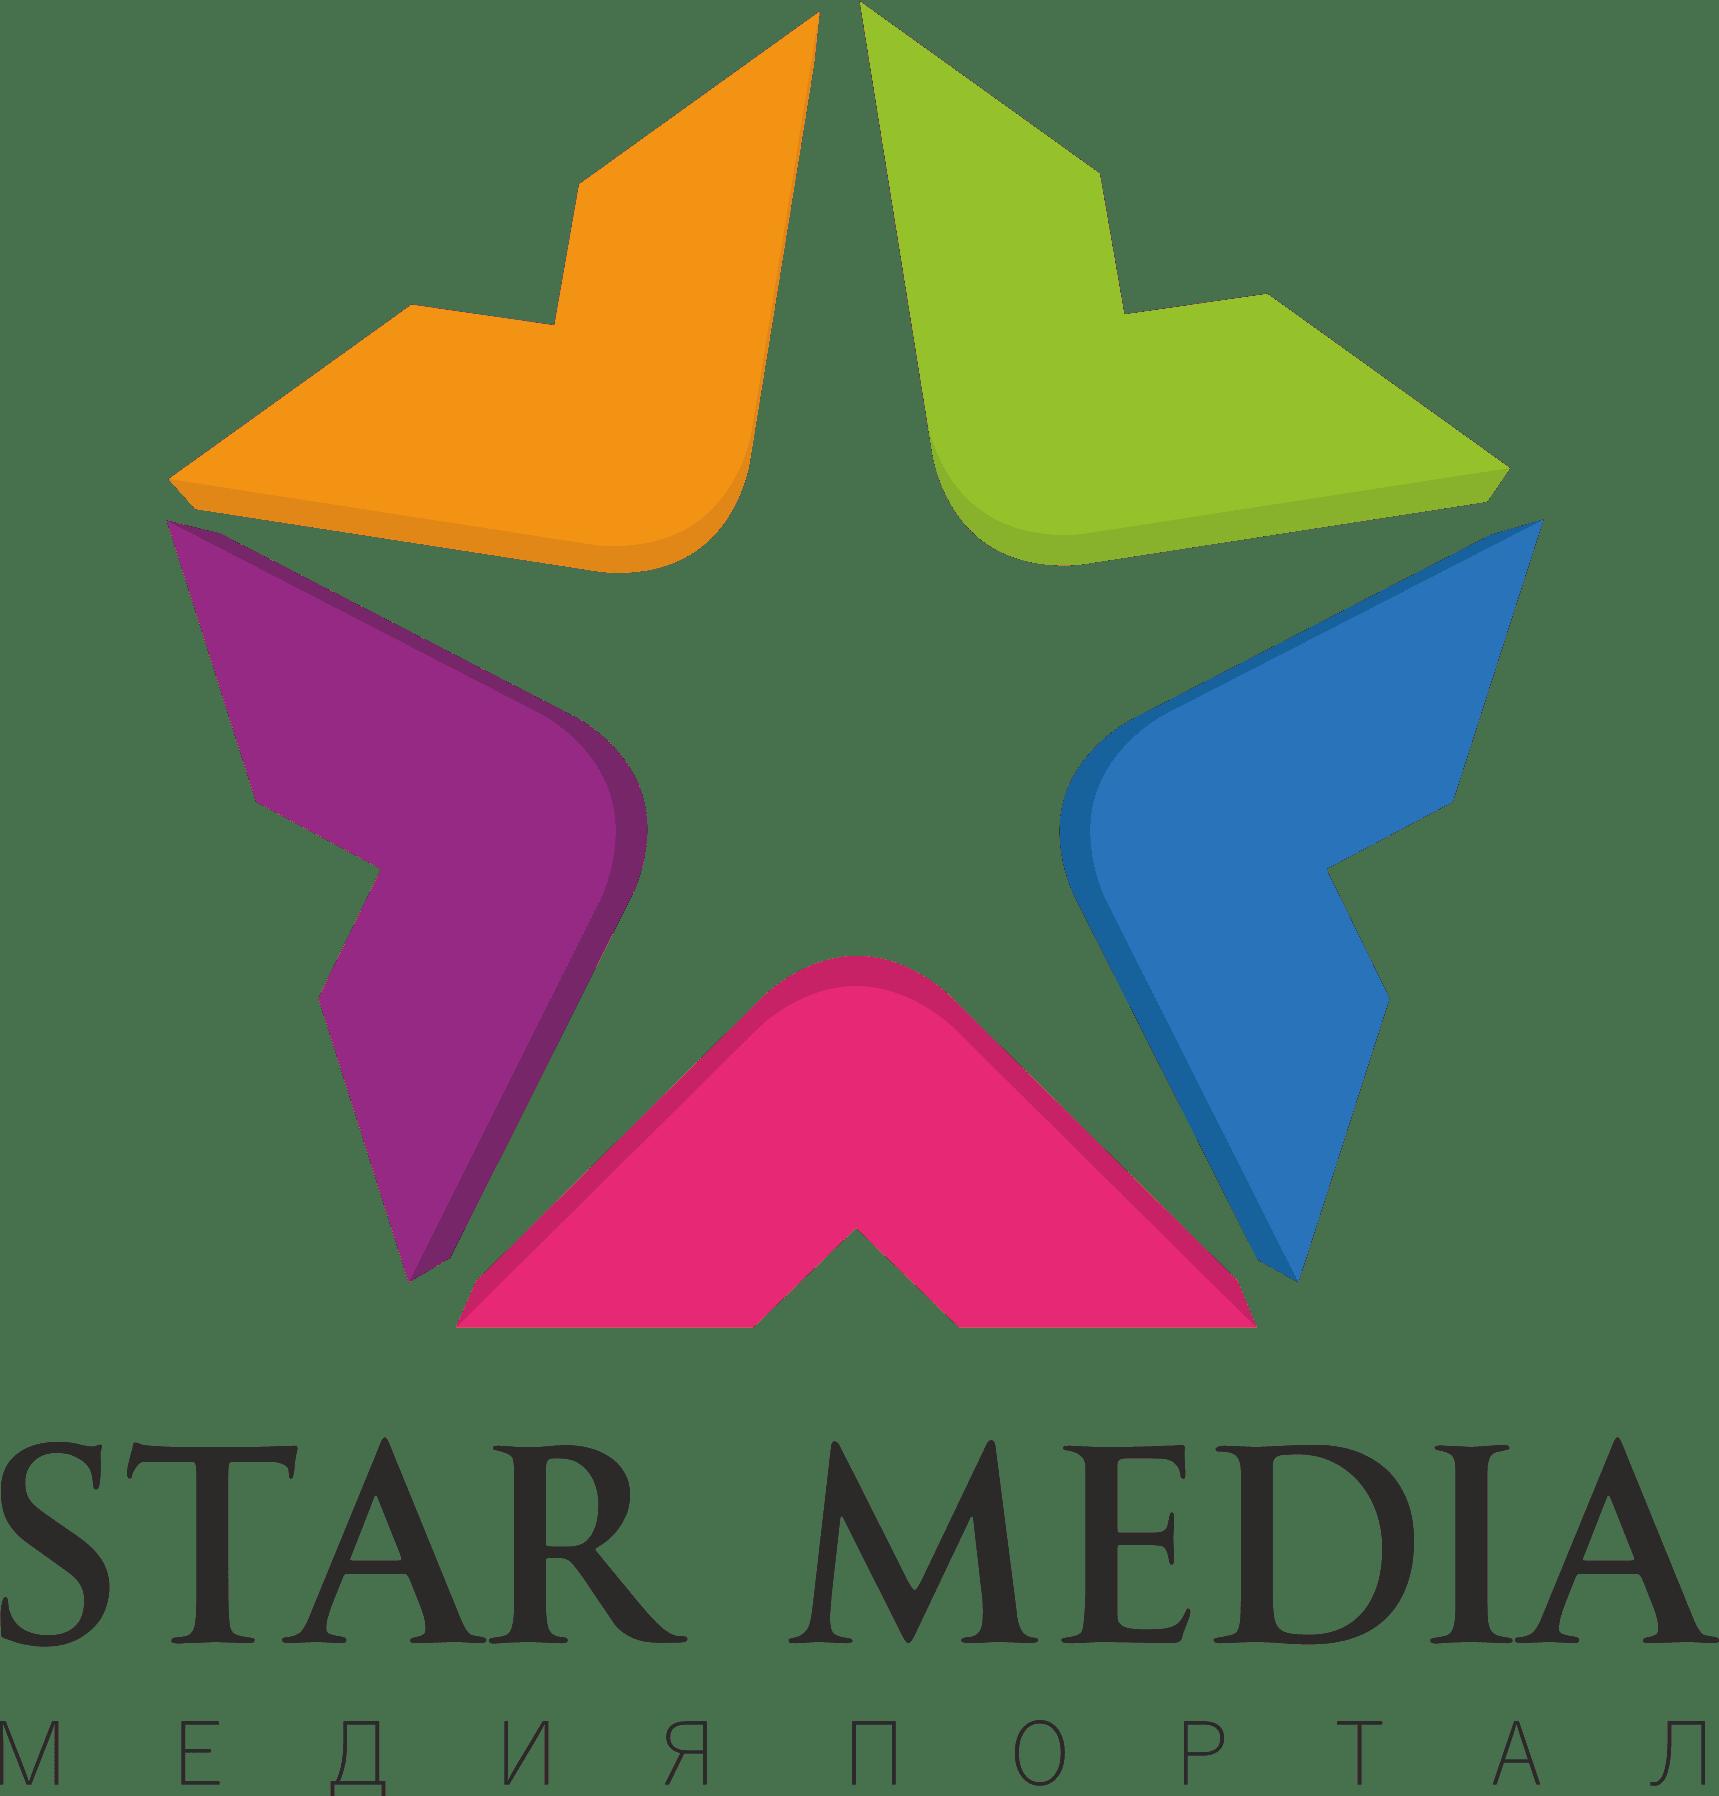 Starmedia kg кыргызские песни